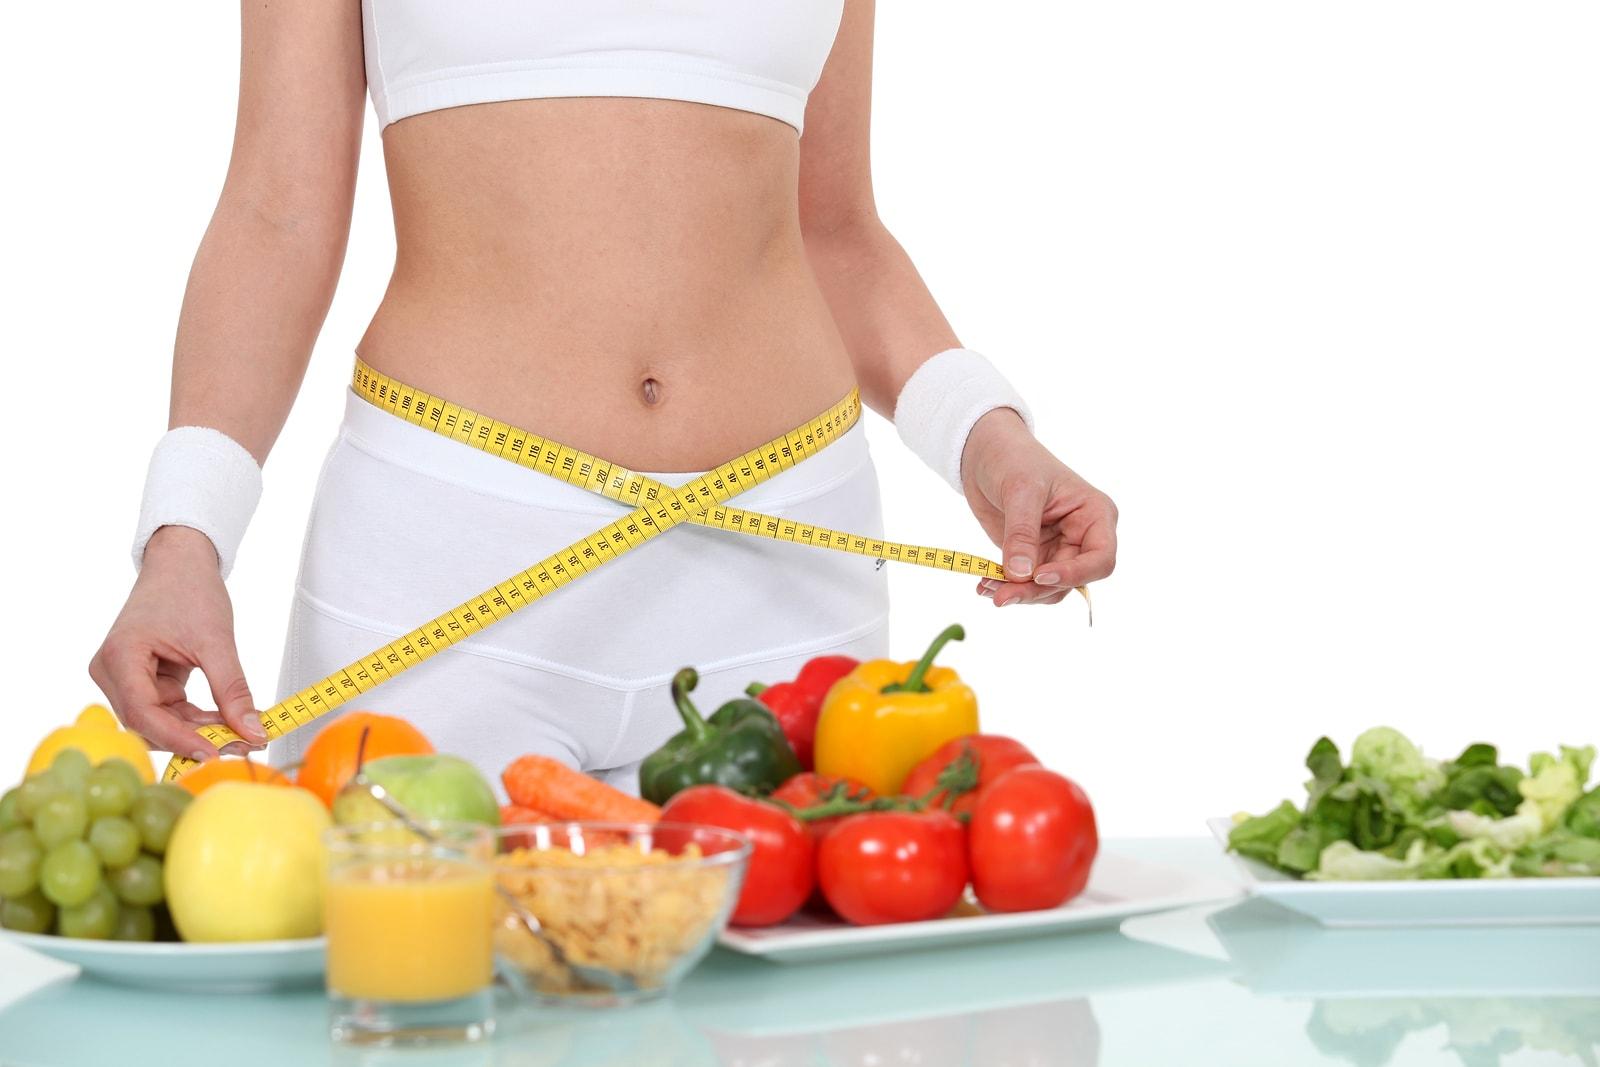 Menos cual es la mejor pastilla natural para bajar de peso buen